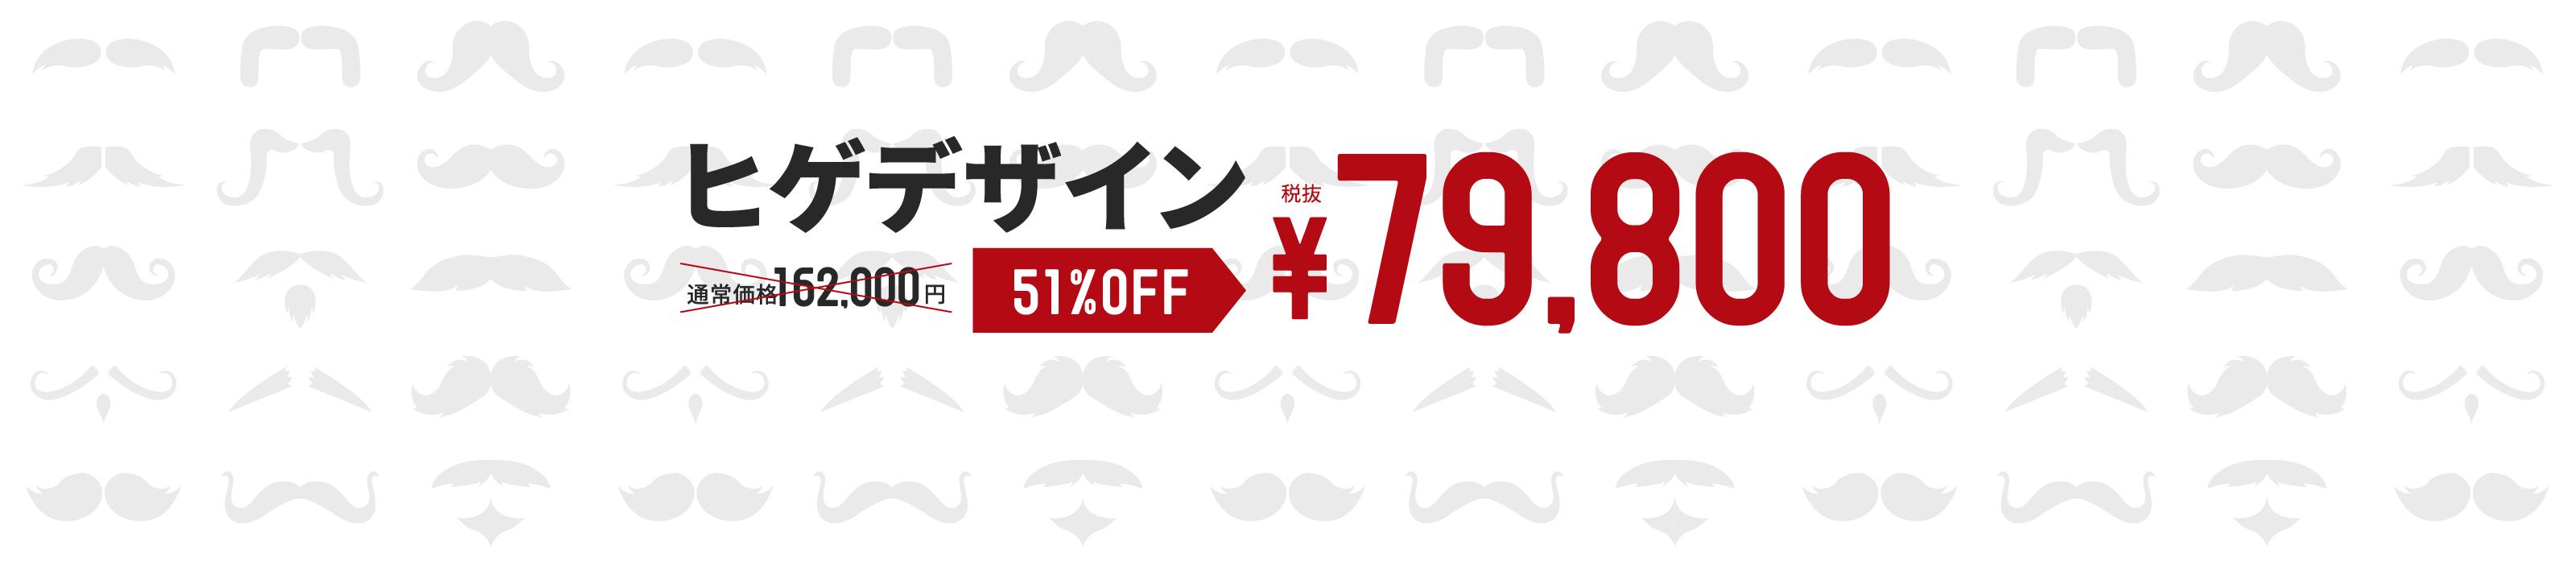 ヒゲデザイン 税抜き¥79,800